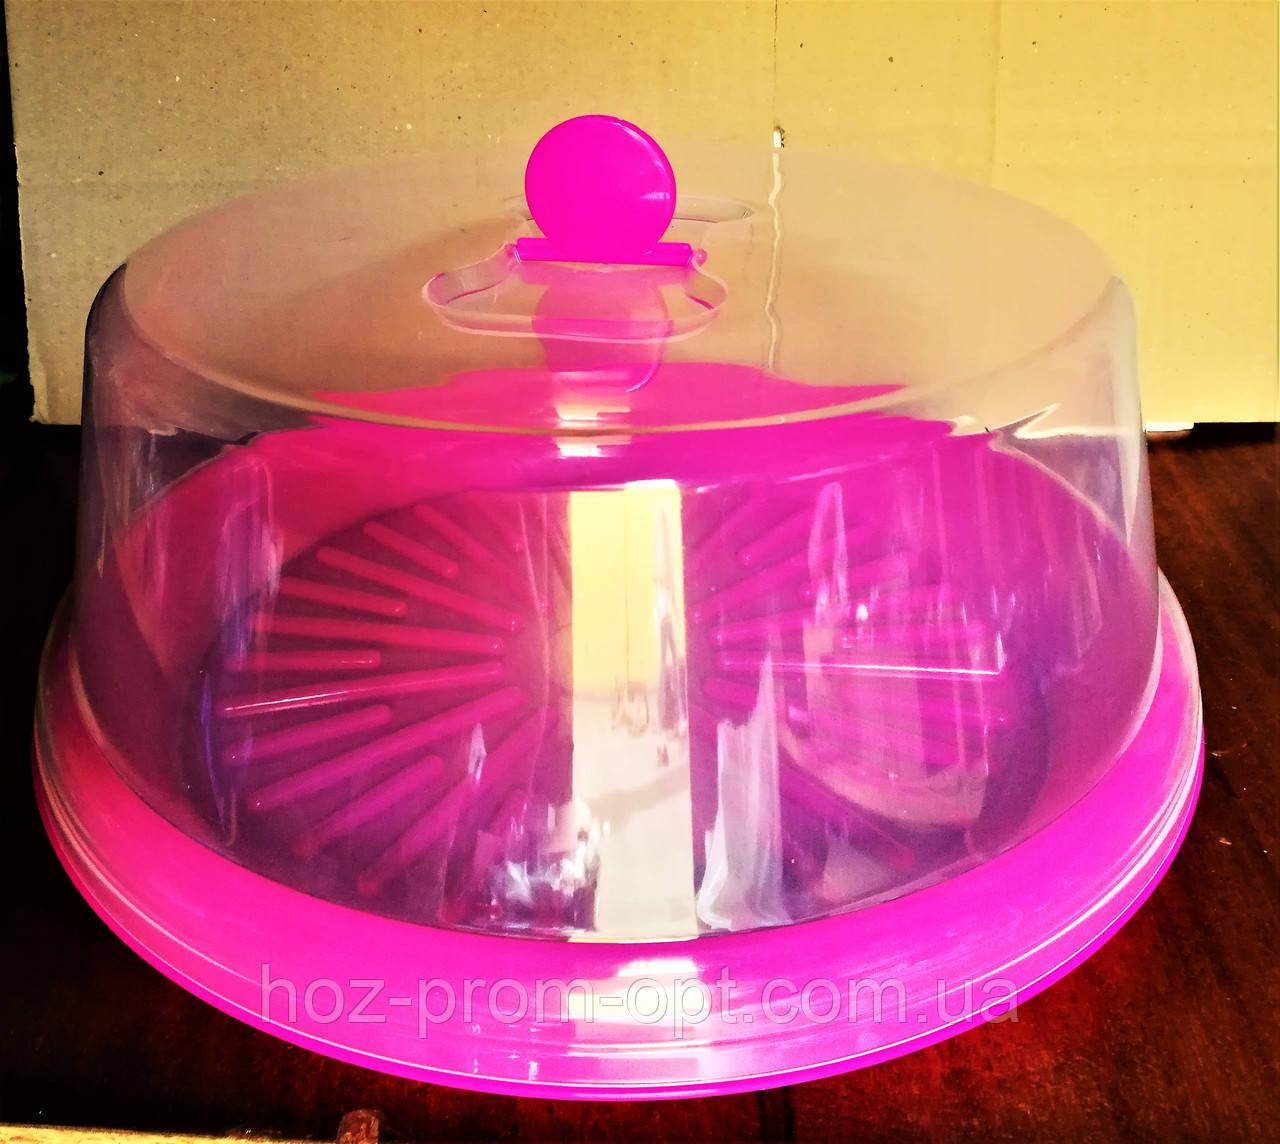 Тортовница с крышкой d- 310мм, пластик, цвета в ассортименте.